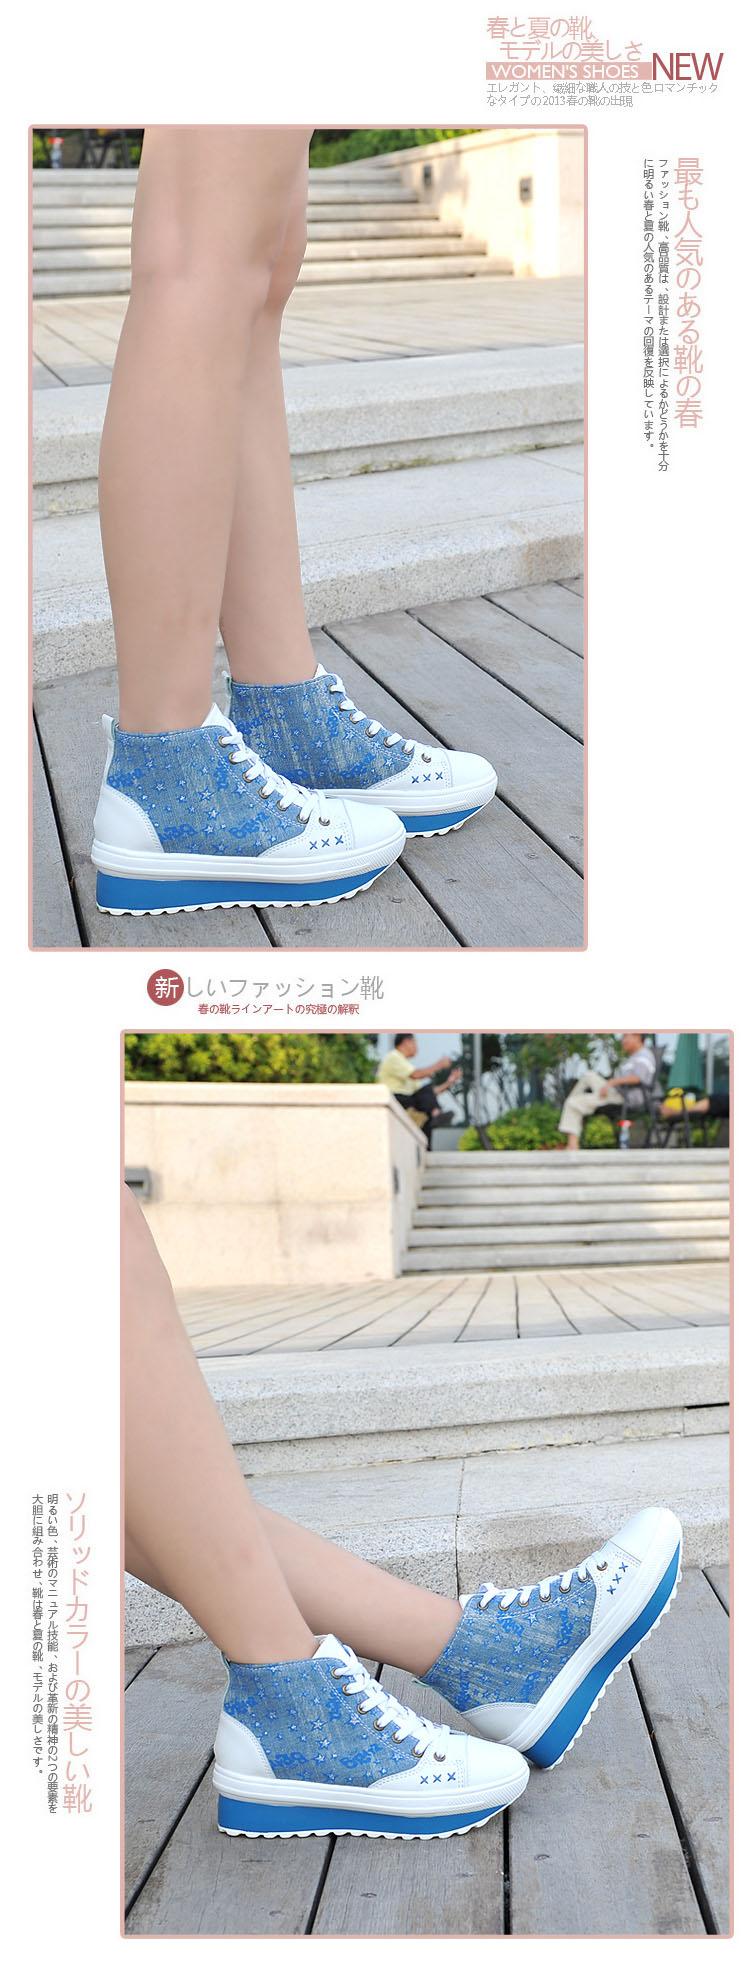 厚底鞋帆布鞋休闲鞋 舒适女生松糕鞋时尚女学生鞋